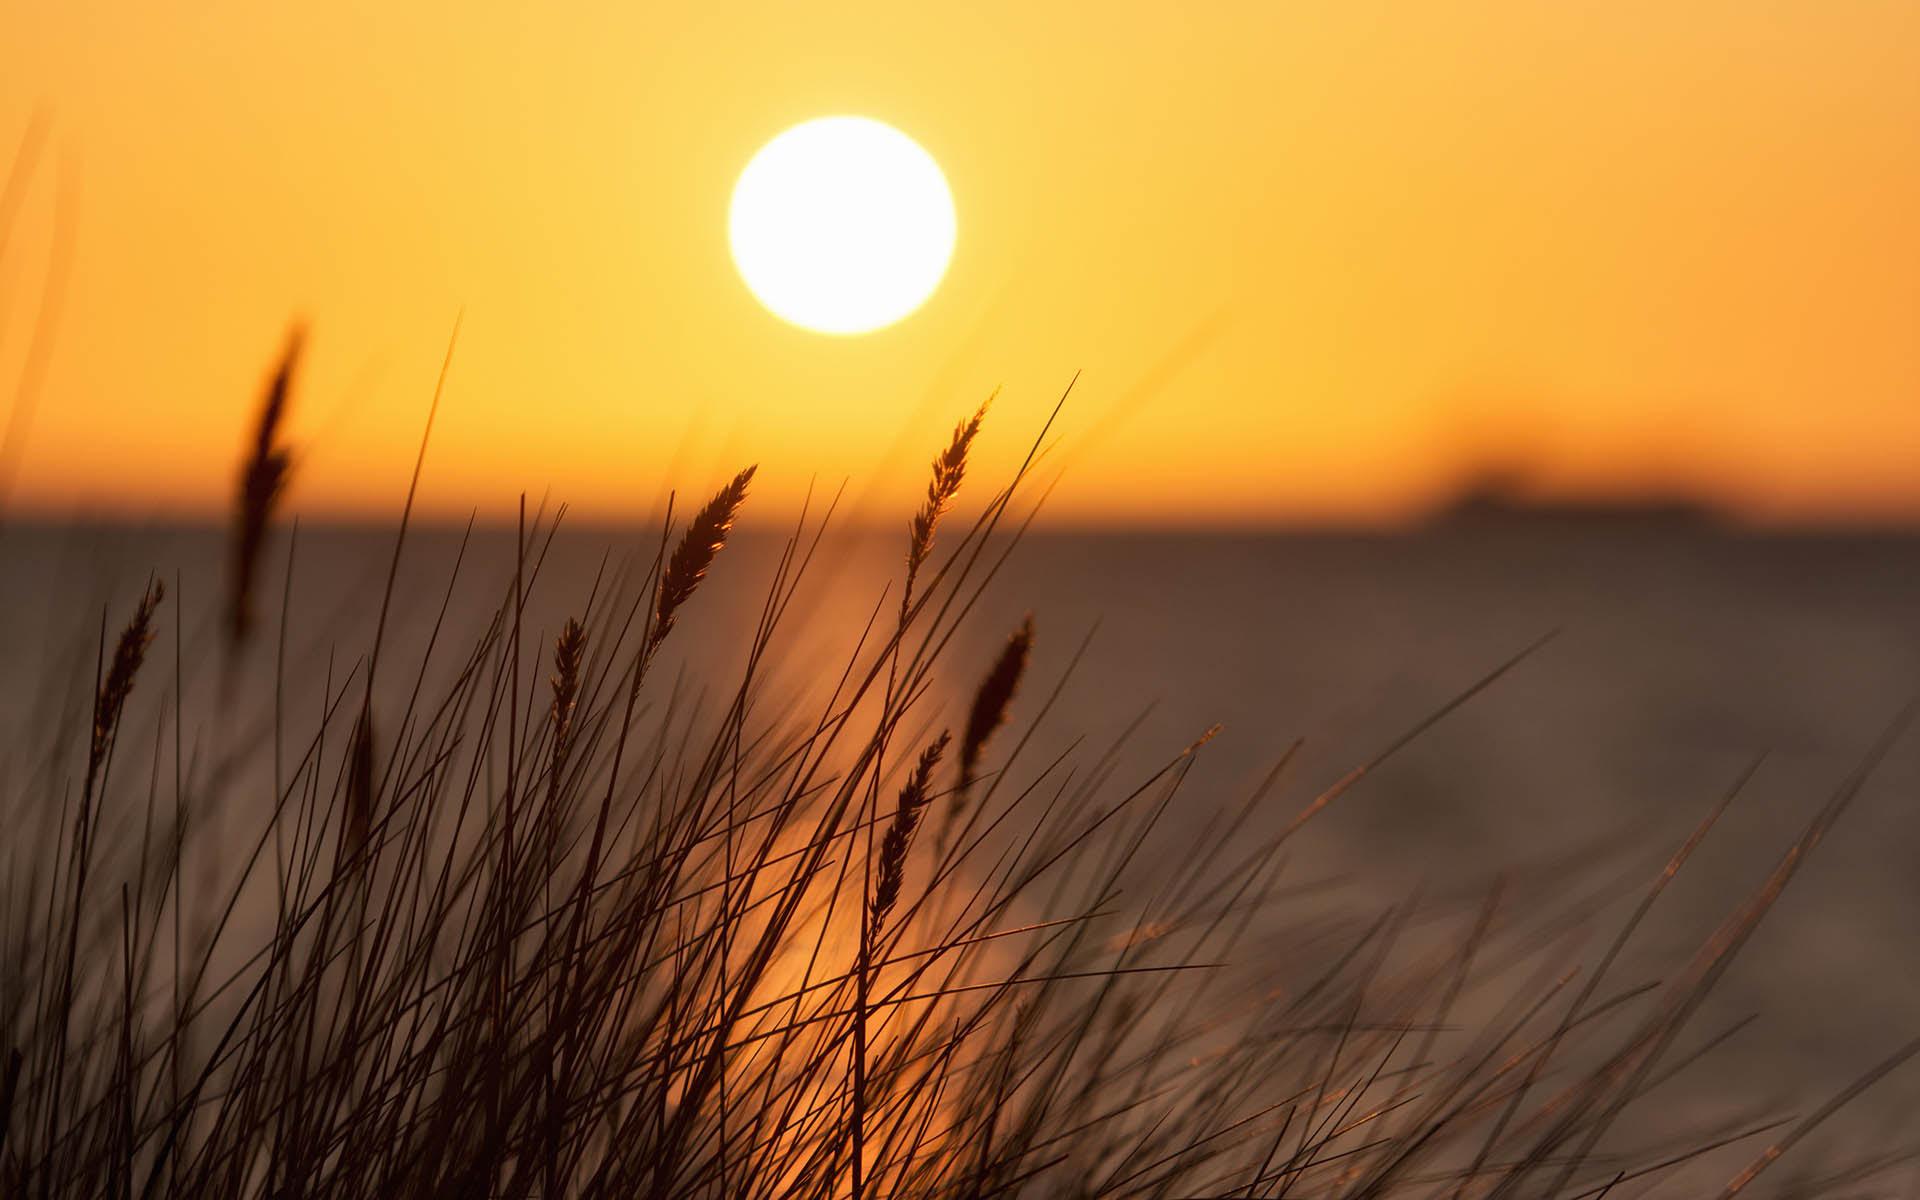 Sun Background HD Desktop Wallpaper 14578 - Baltana